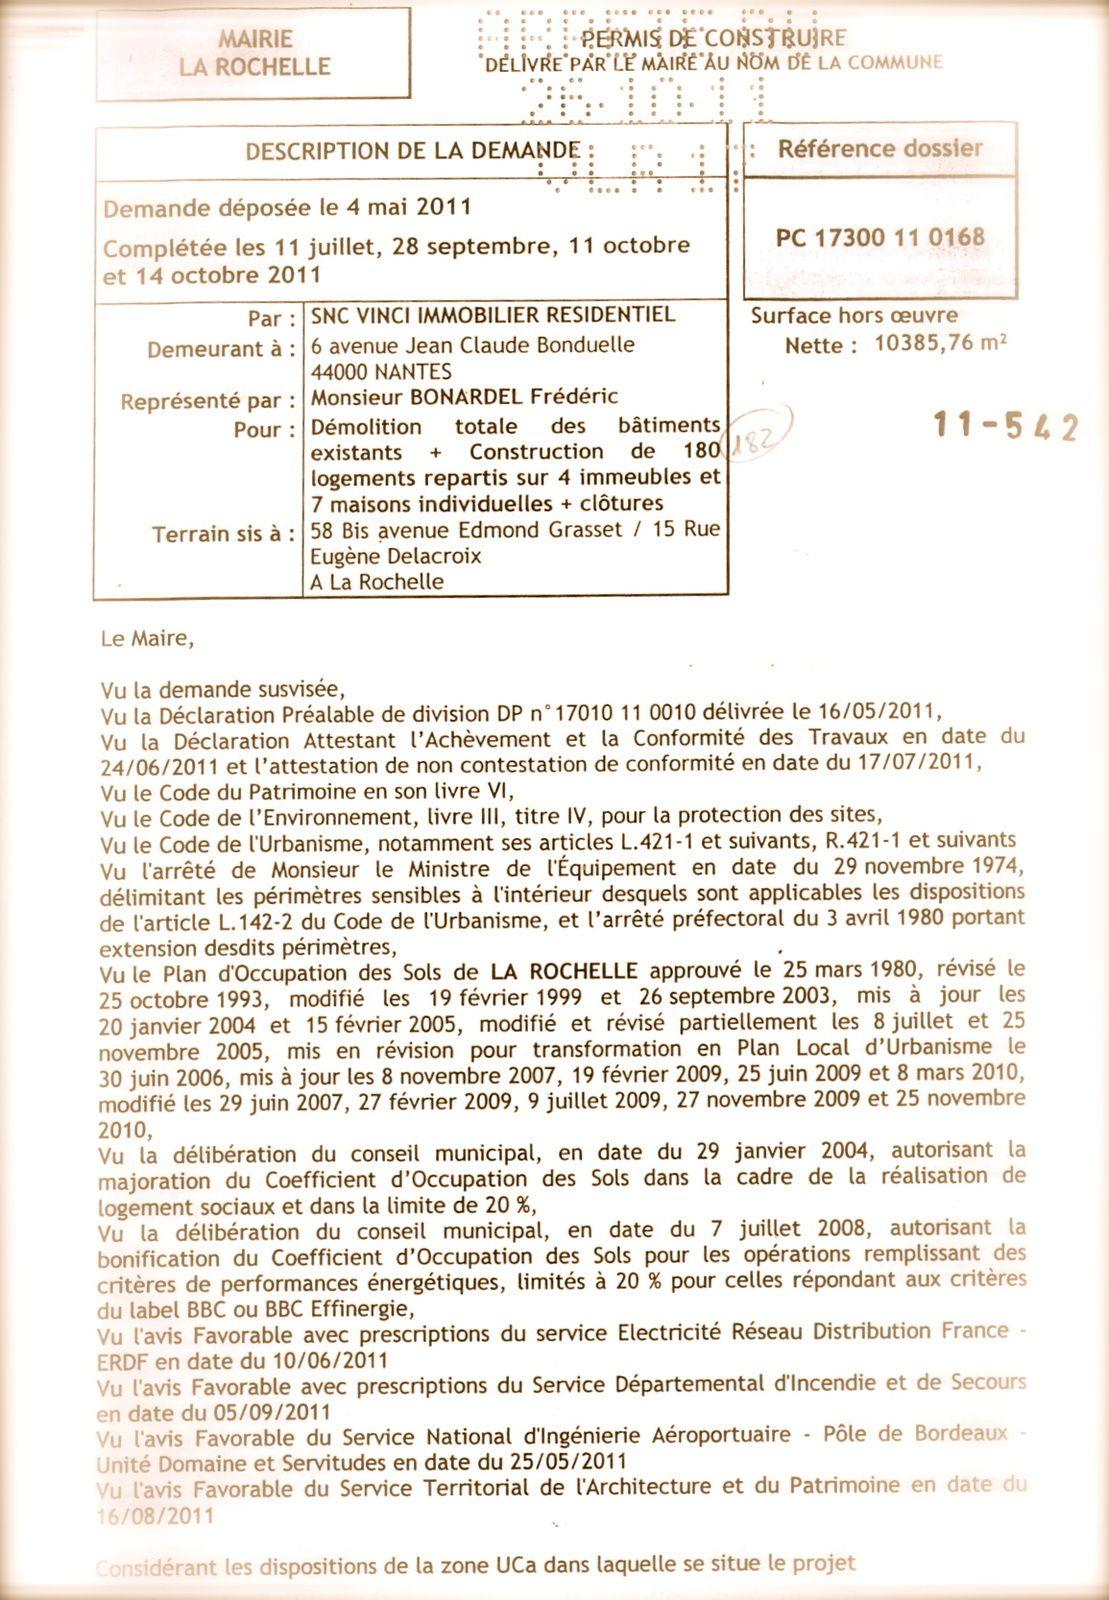 Illusration de la première page du permis de construire. La demande avait été préalablement faite par VINCI Immobilier.